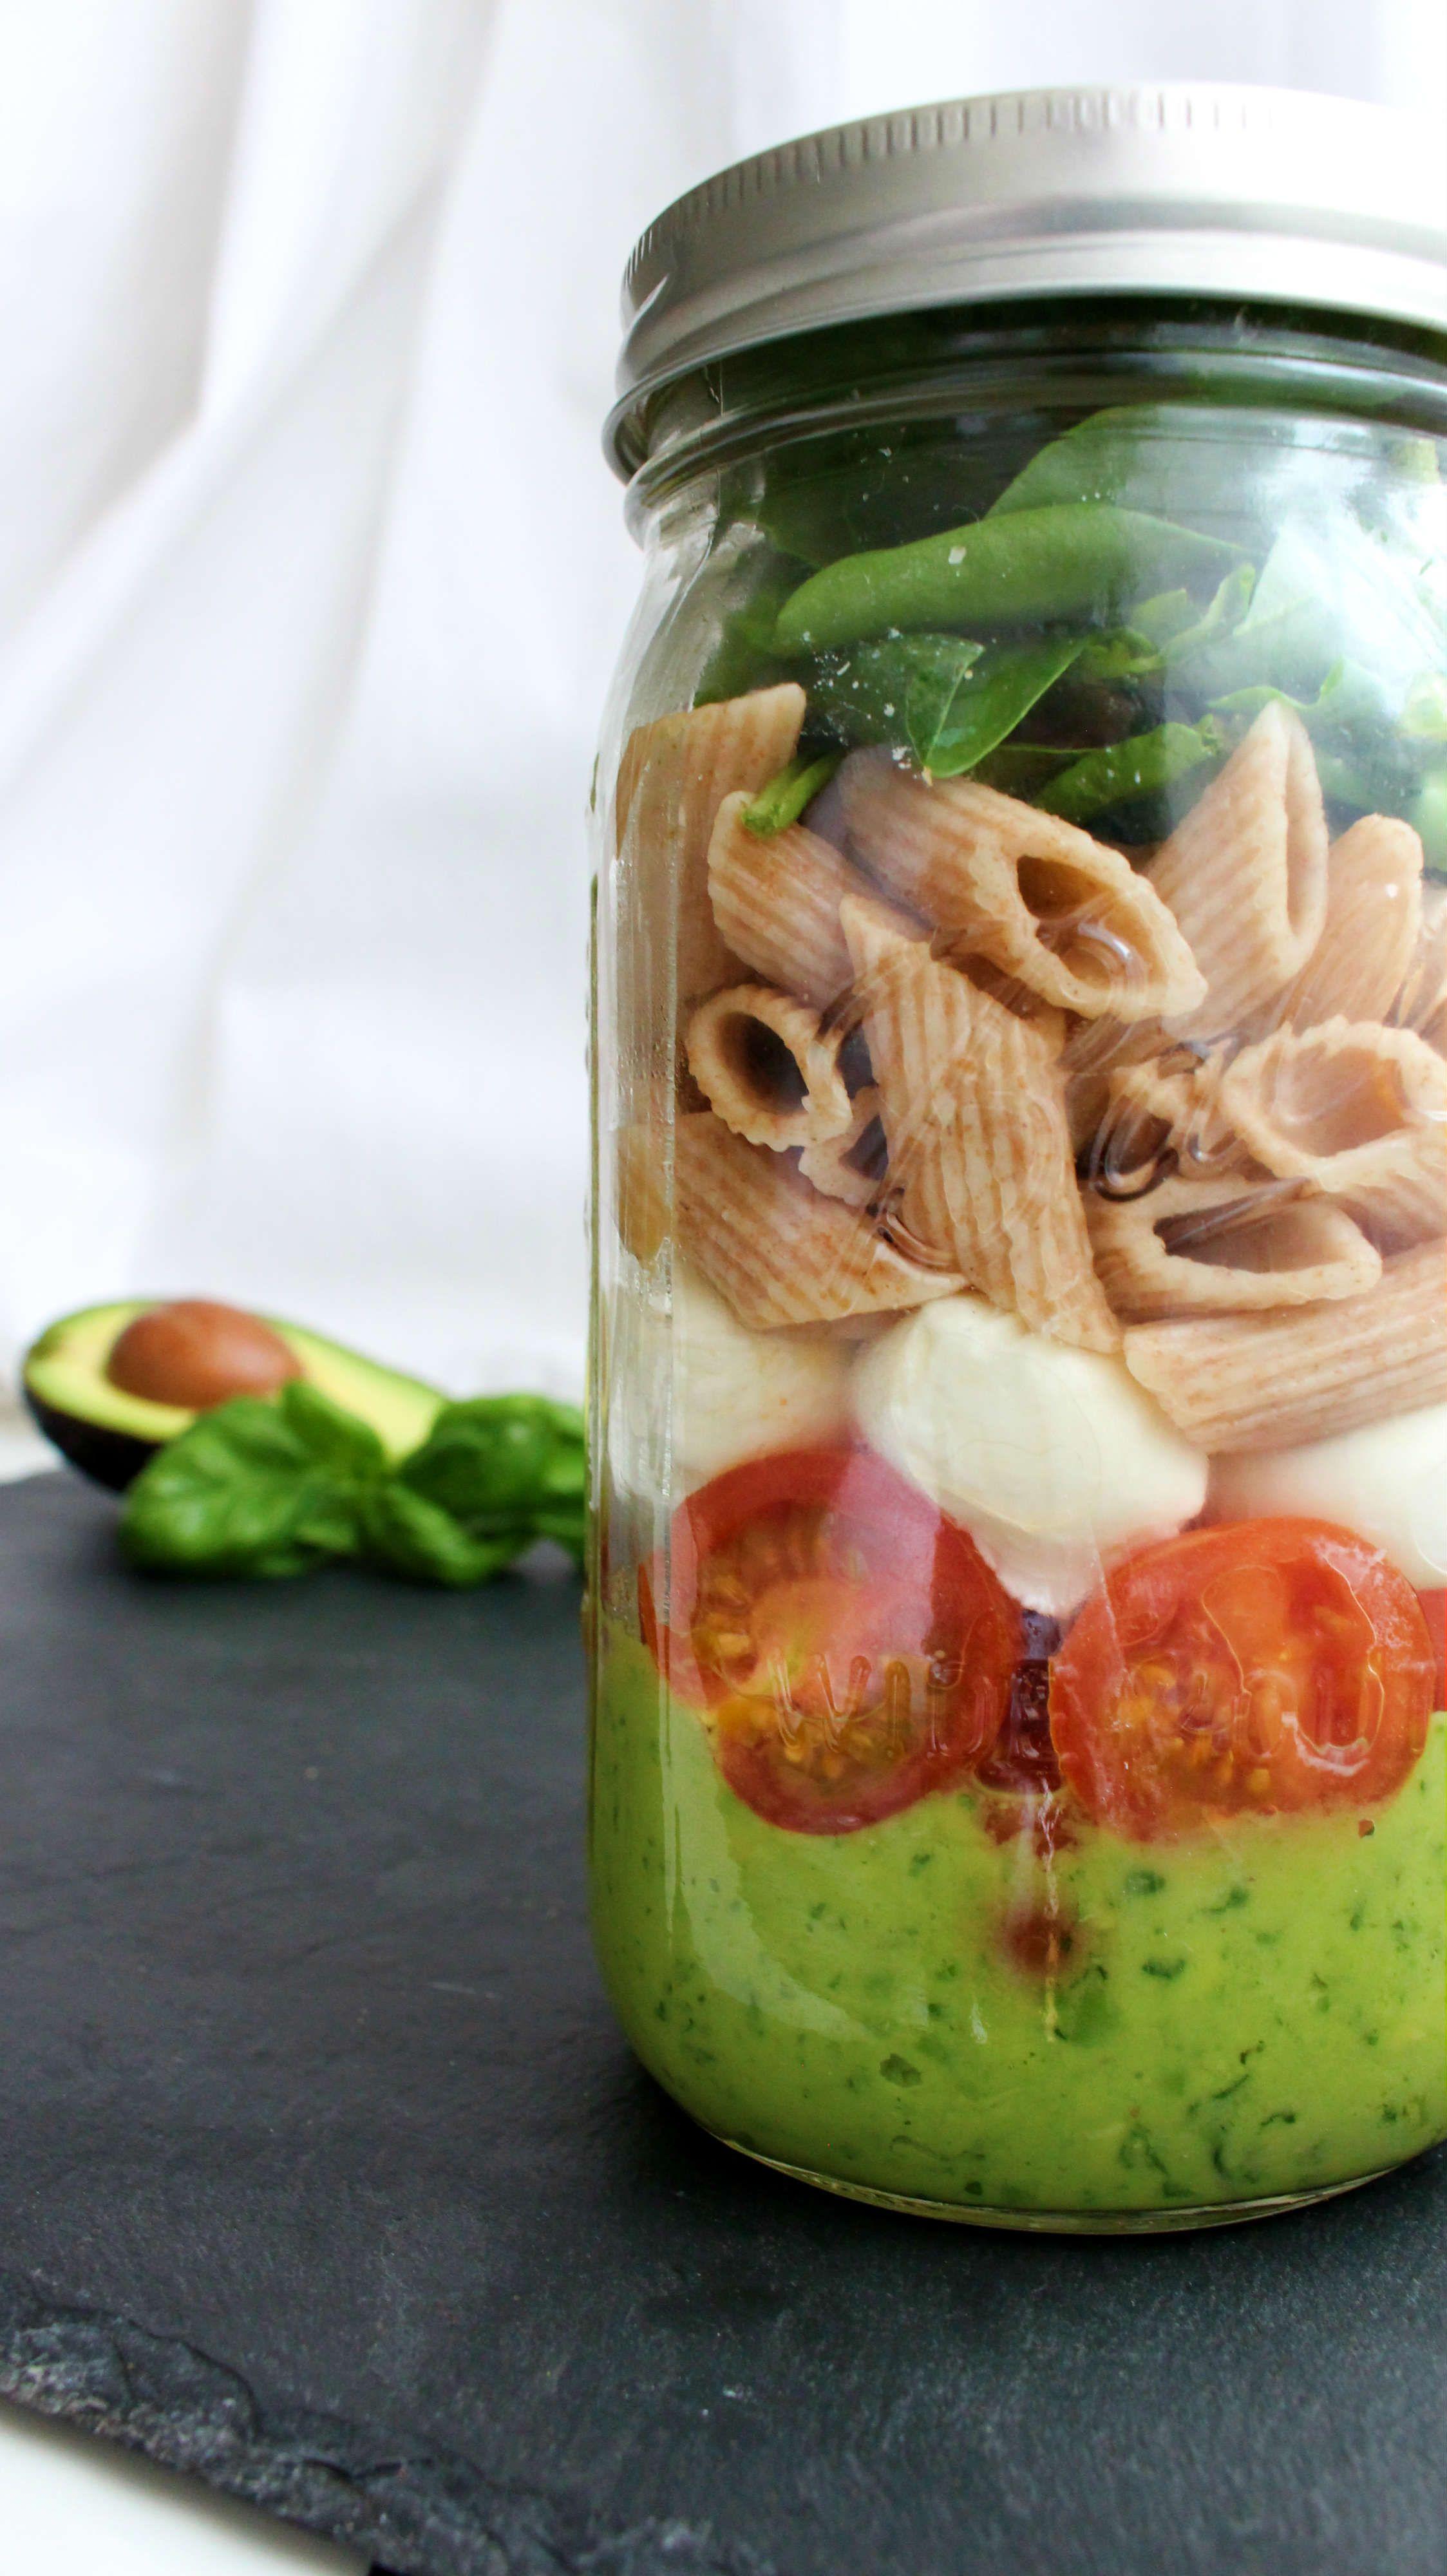 salat im glas salat im glas pinterest meals salad and food. Black Bedroom Furniture Sets. Home Design Ideas